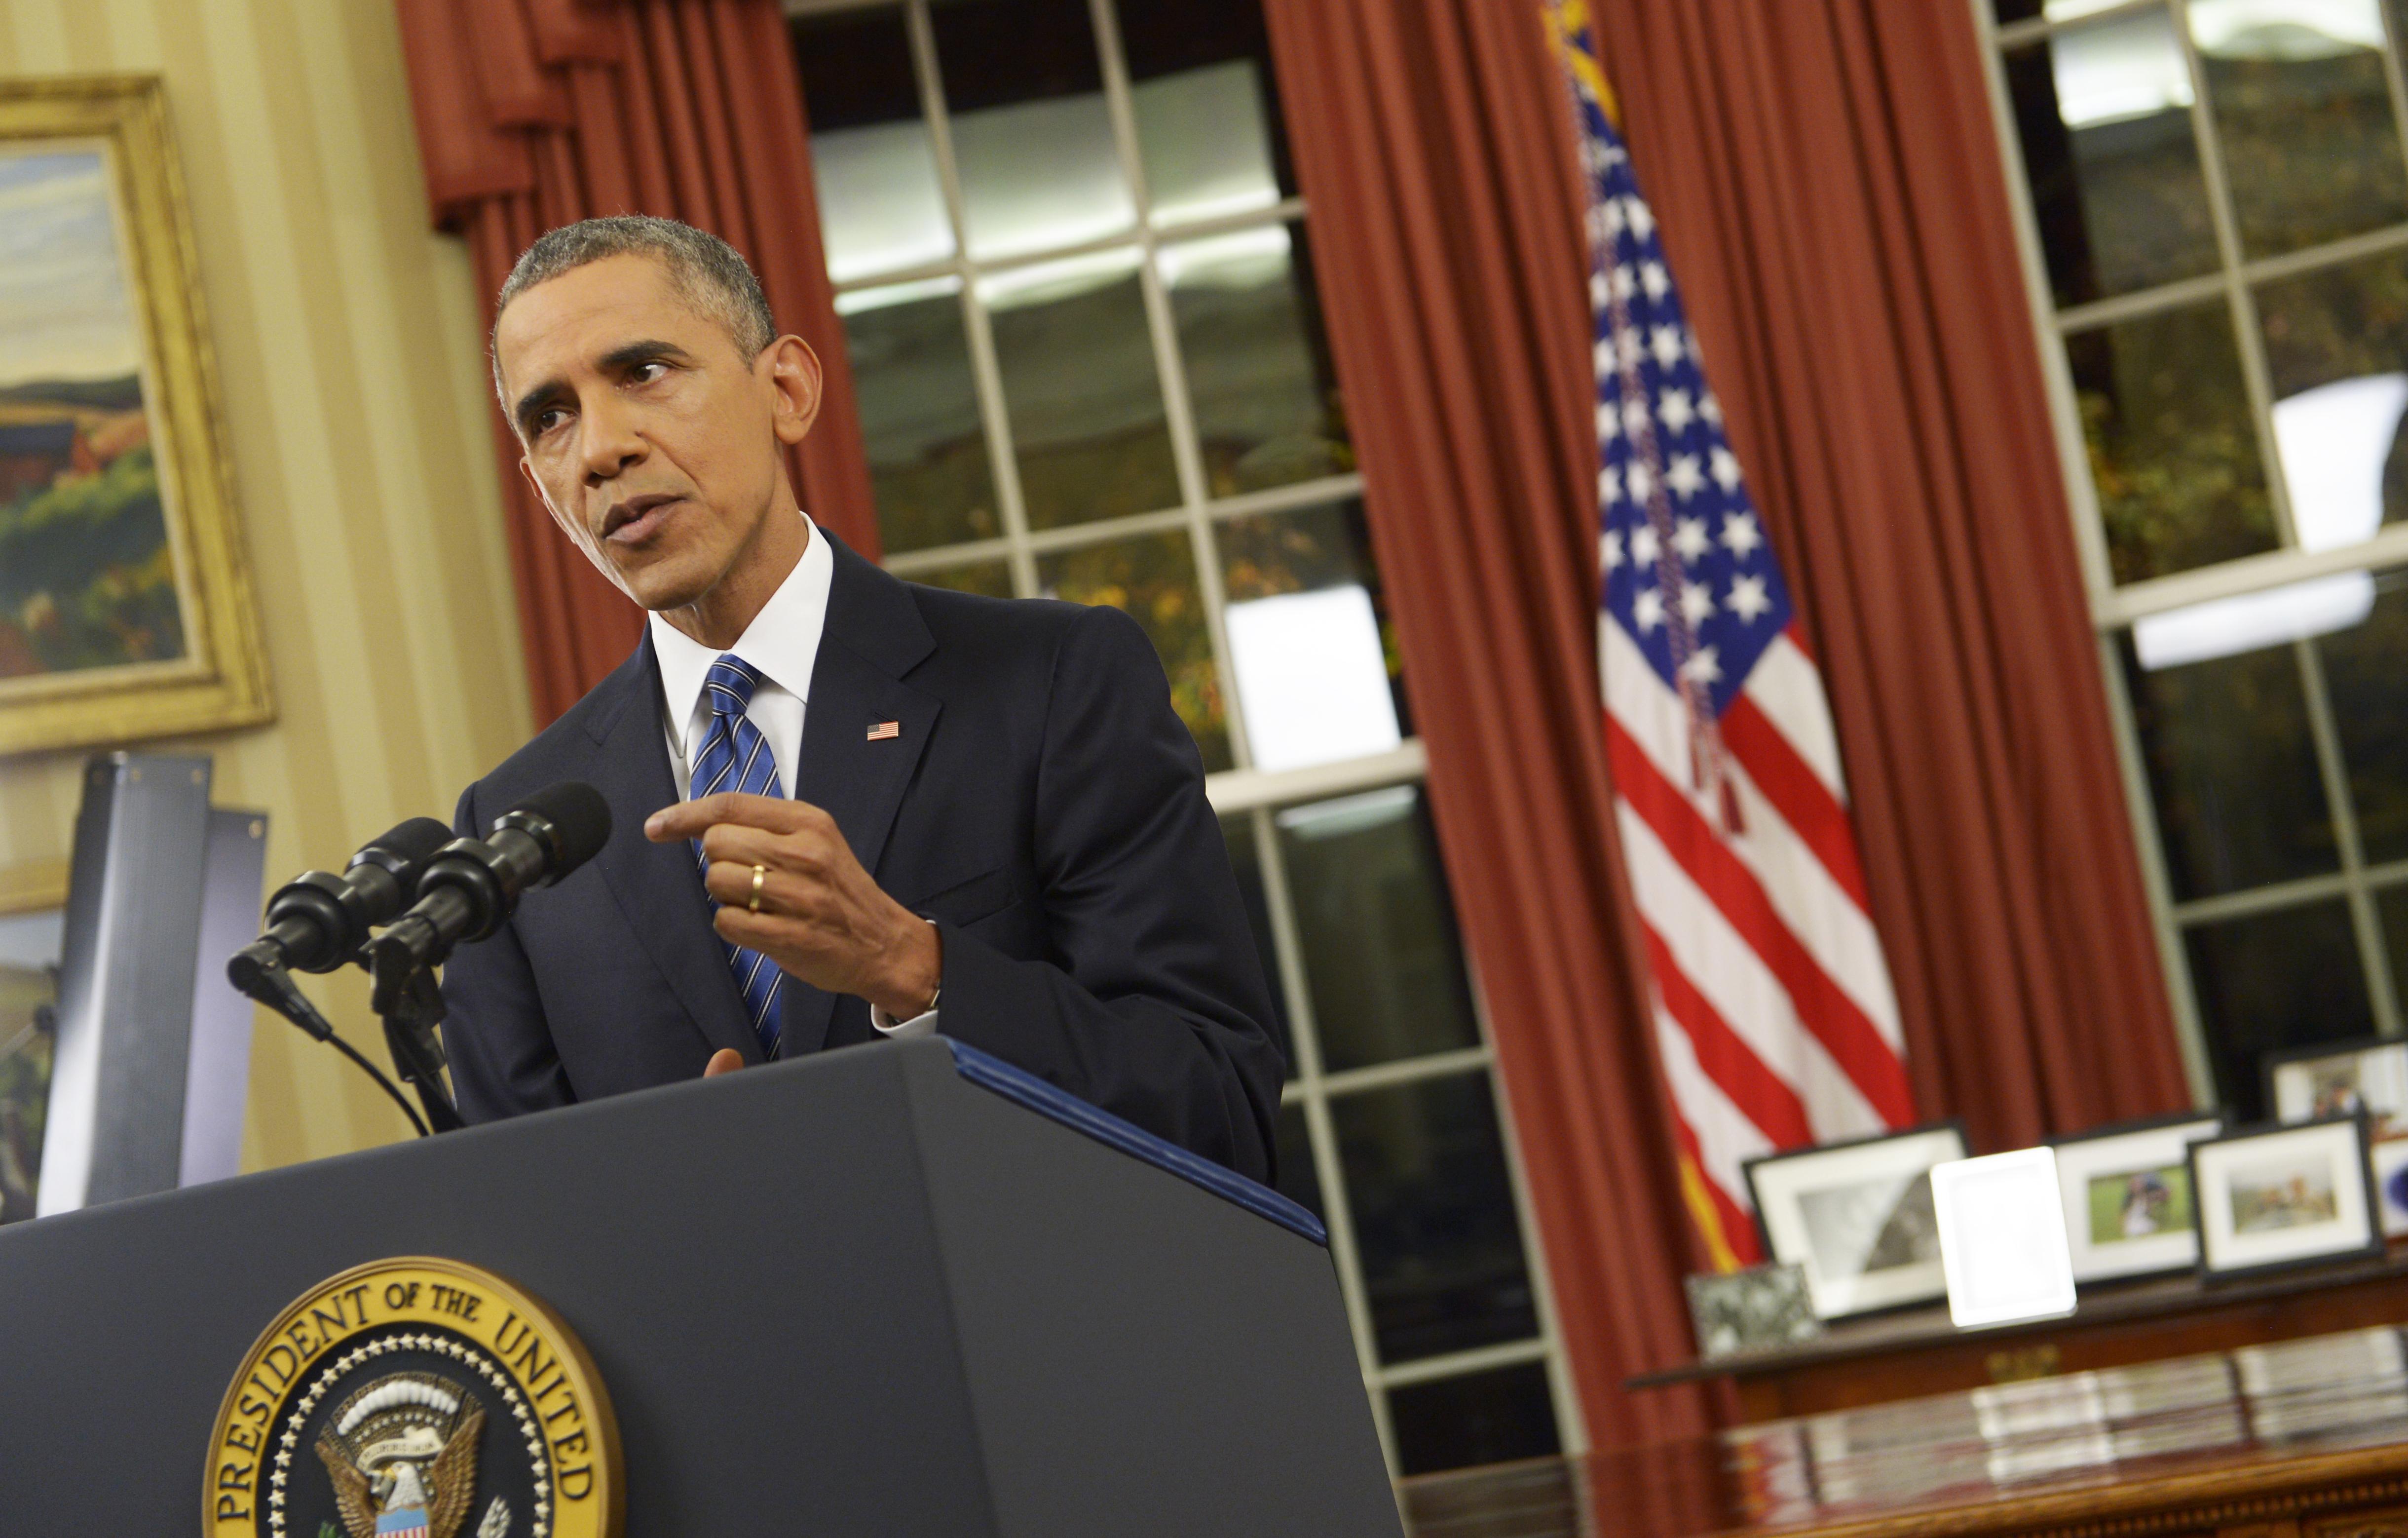 El presidente Barack Obama se dirigió a los estadounidenses desde la Oficina Oval de la Casa Blanca para abordar la nueva forma de amenaza terrorista contra Estados Unidos. (Saul Loeb/Getty Images)